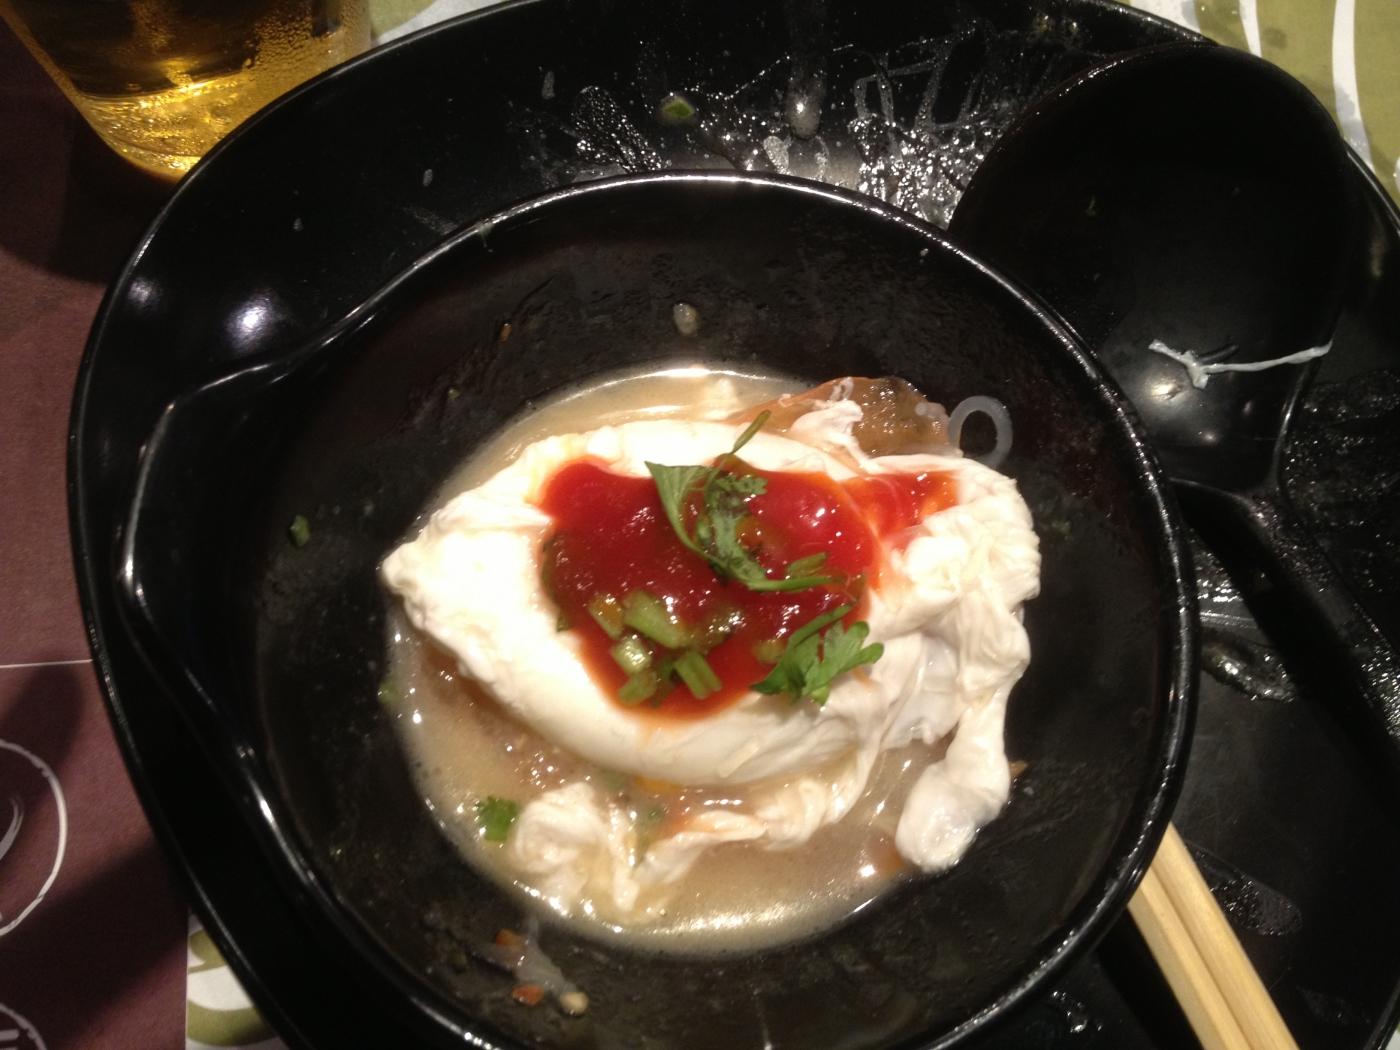 [jiejoy]星期日的晚餐---牙虎迷你涮涮锅_图1-12